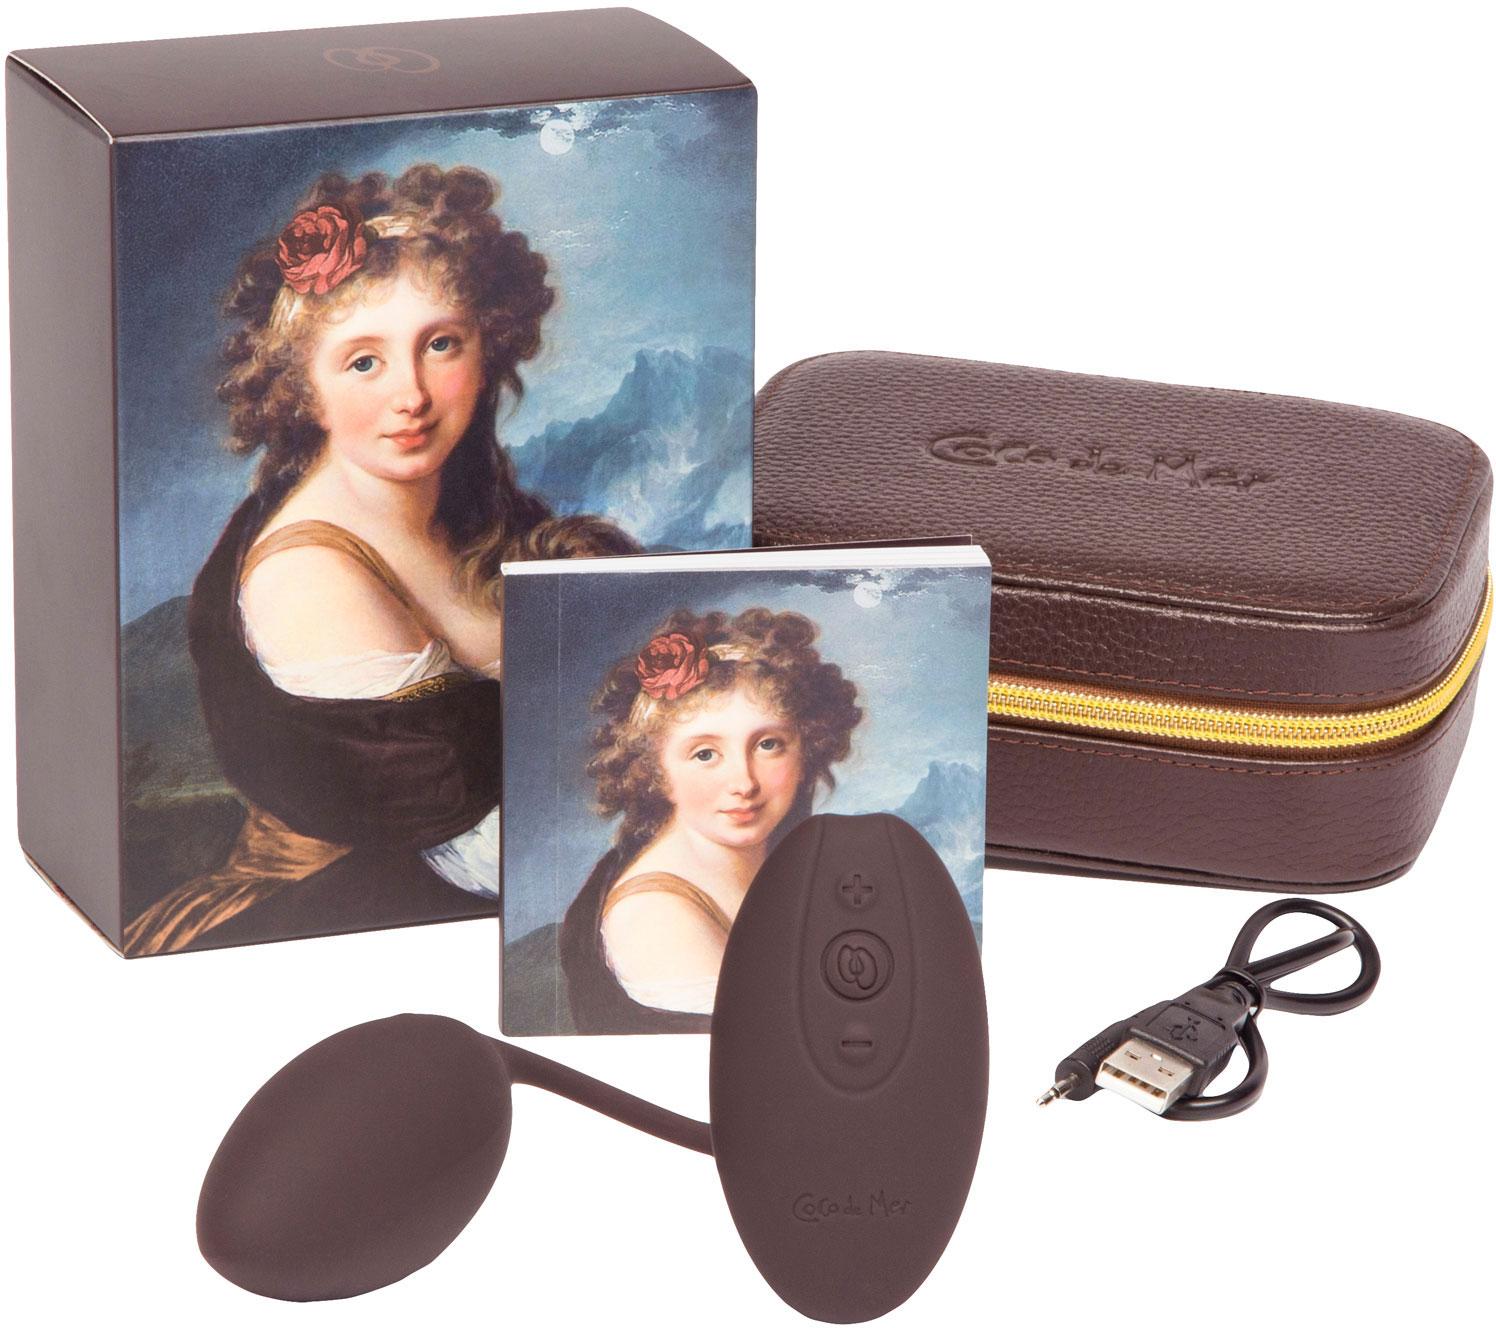 Coco de Mer Emma Remote Control Silicone Love Egg Vibrator - What's Included?